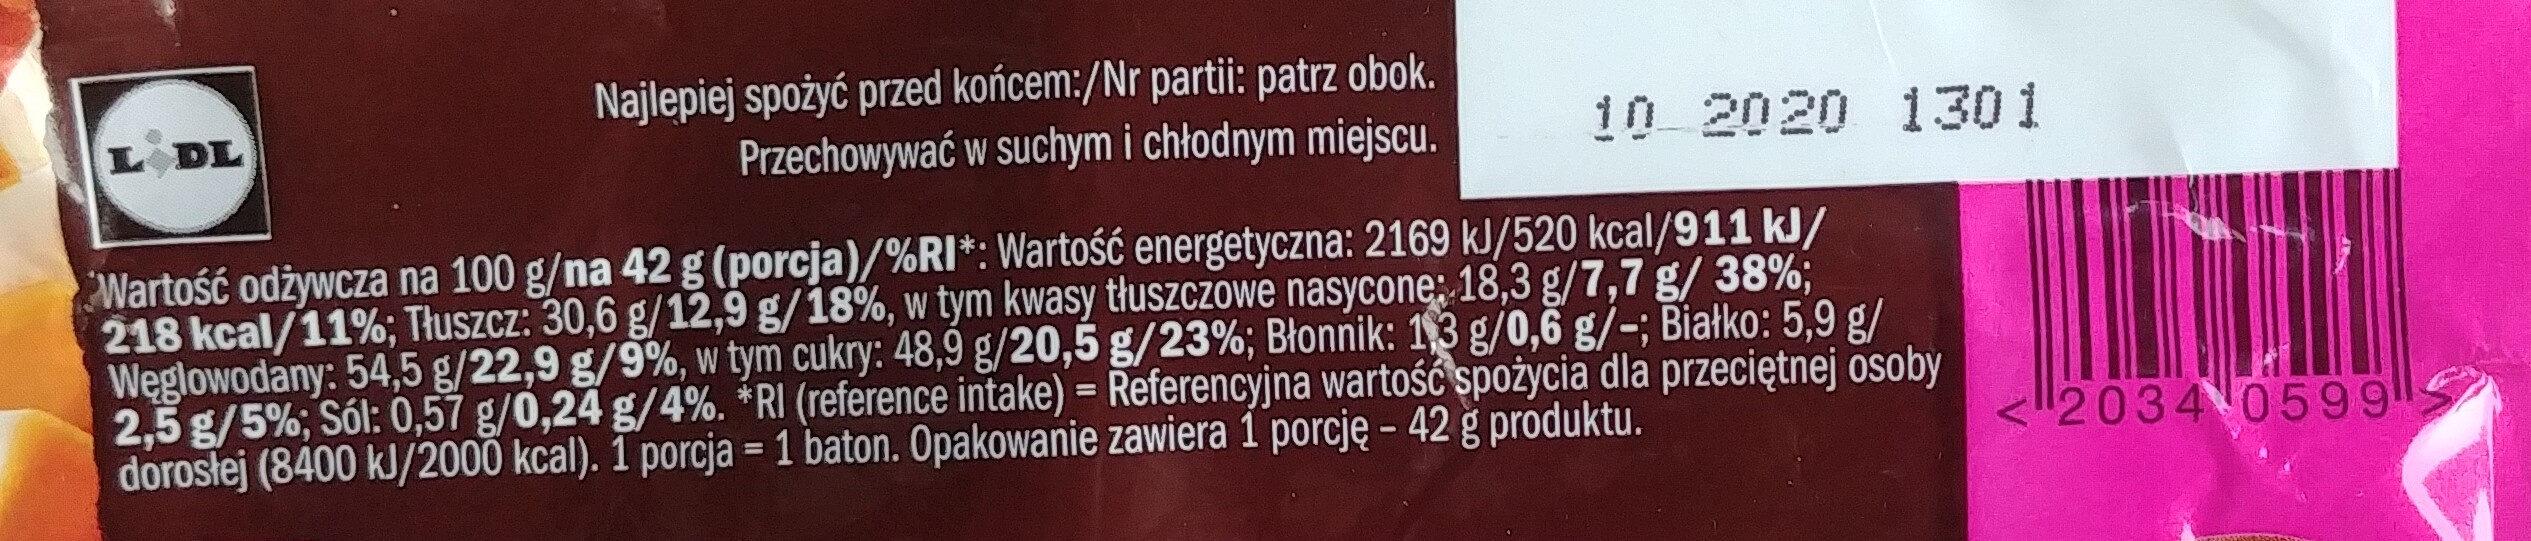 Czekolada mleczna z nadzieniem (26%) o smaku karmelowym z kawałkami wafli i nadzieniem (22%) karmelowym słonym - Wartości odżywcze - pl